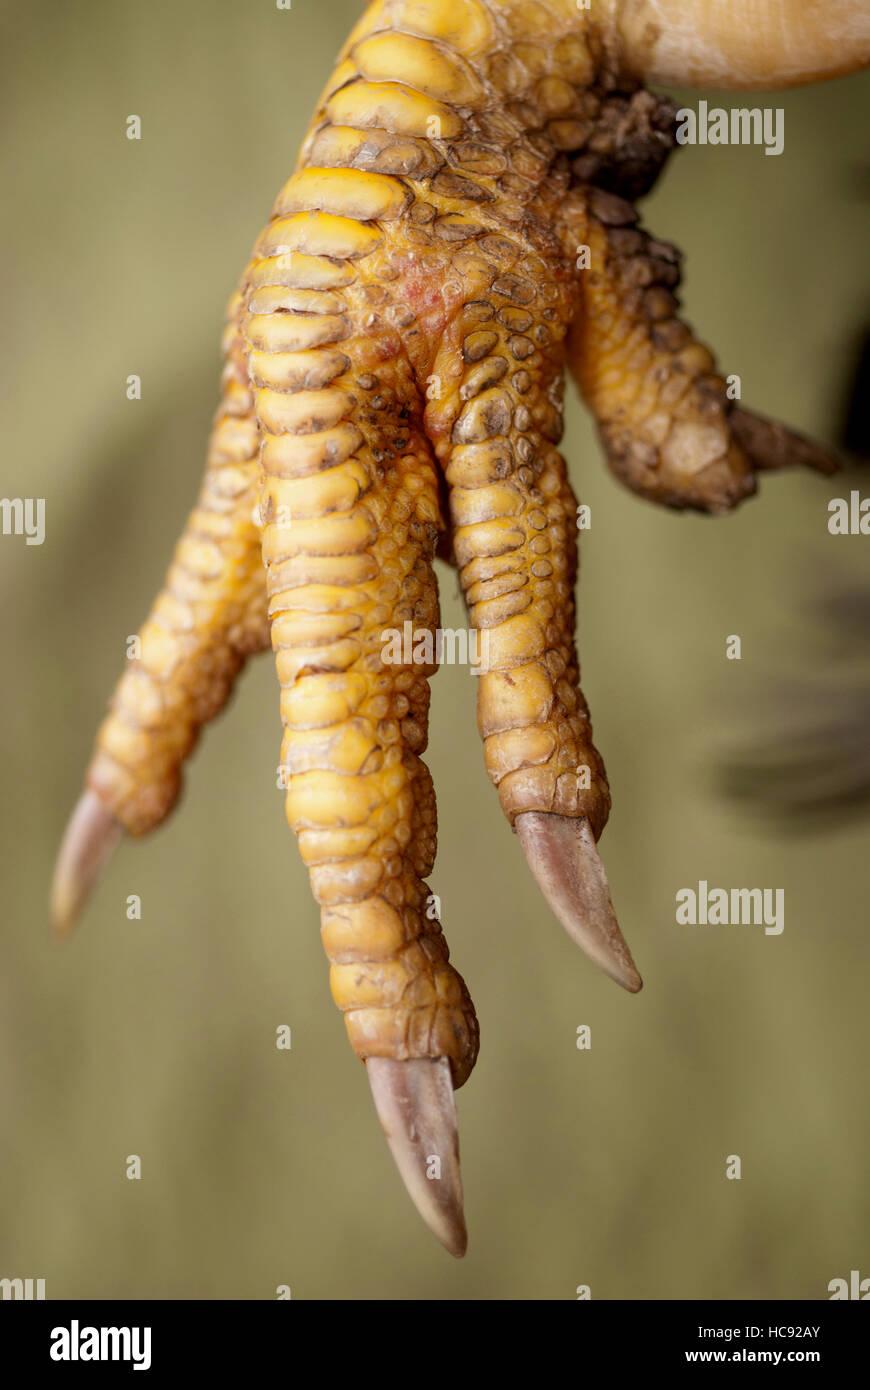 Cadaver Foot Stock Photos & Cadaver Foot Stock Images - Alamy